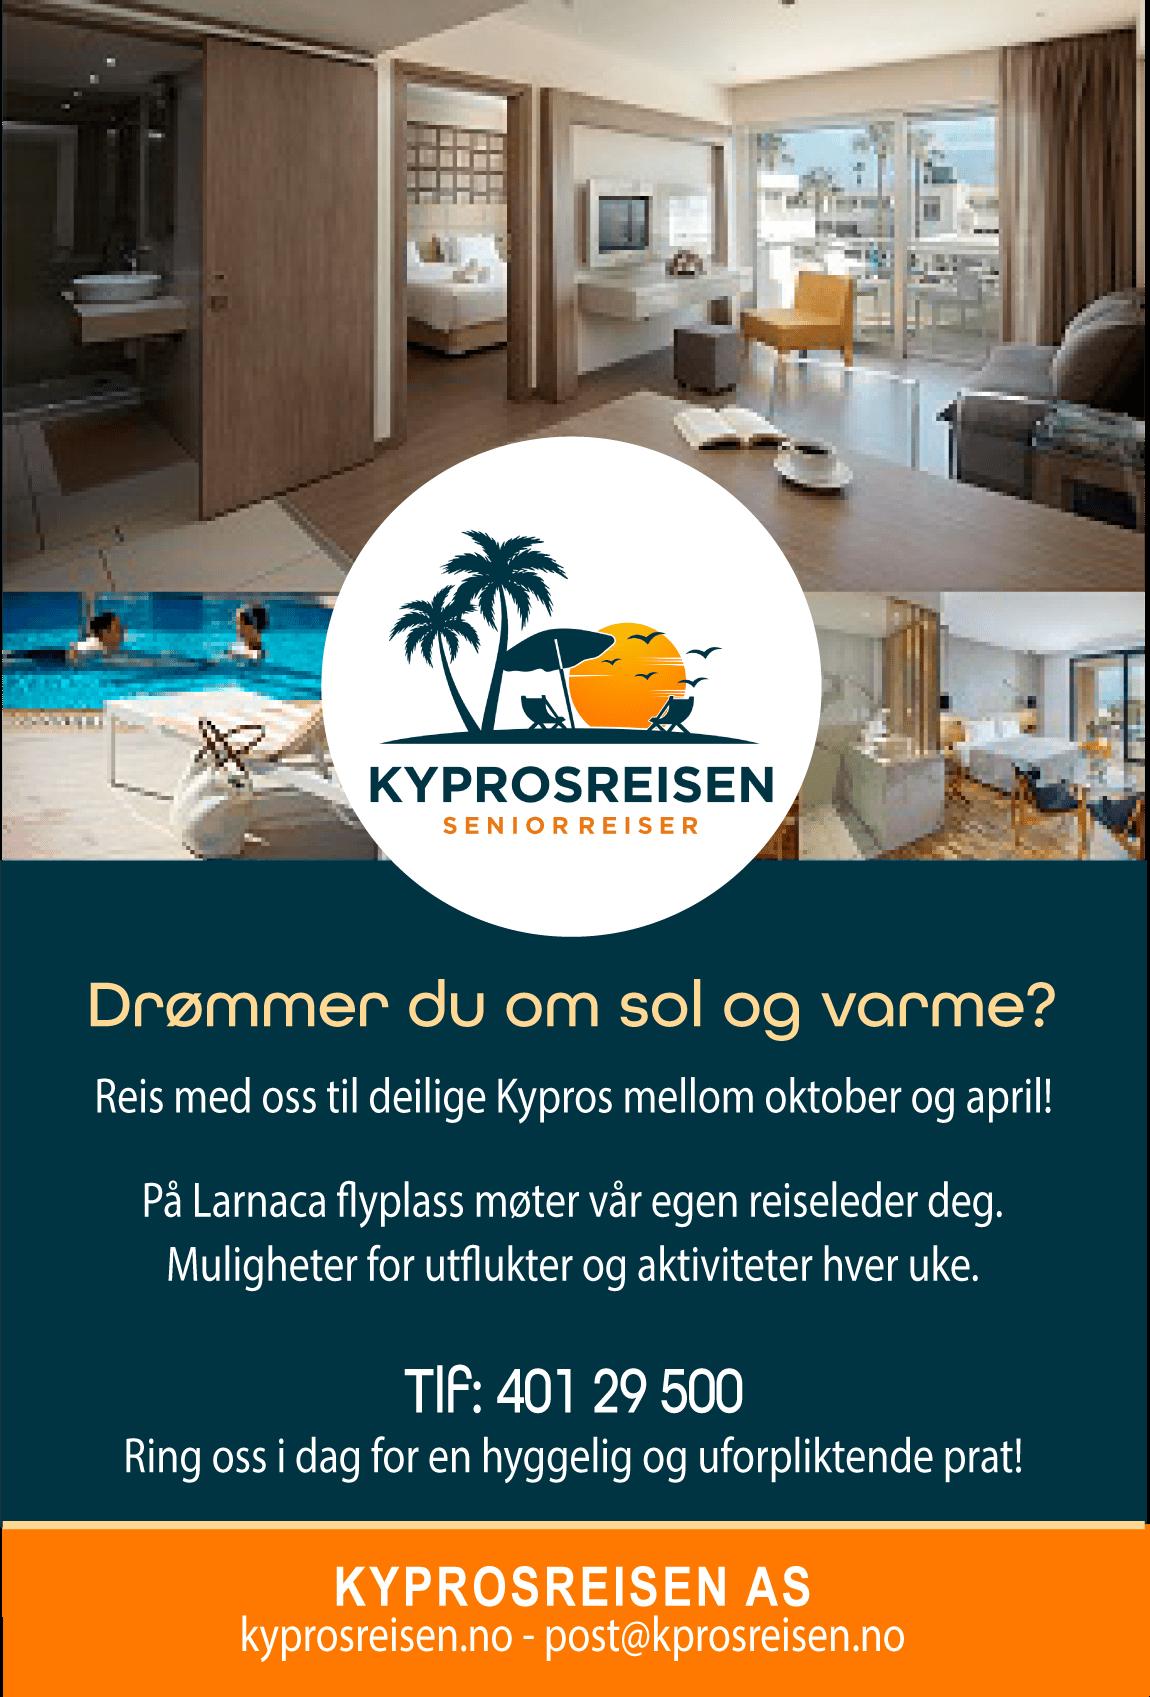 Reis med oss til deilige Kypros mellom oktober og april!